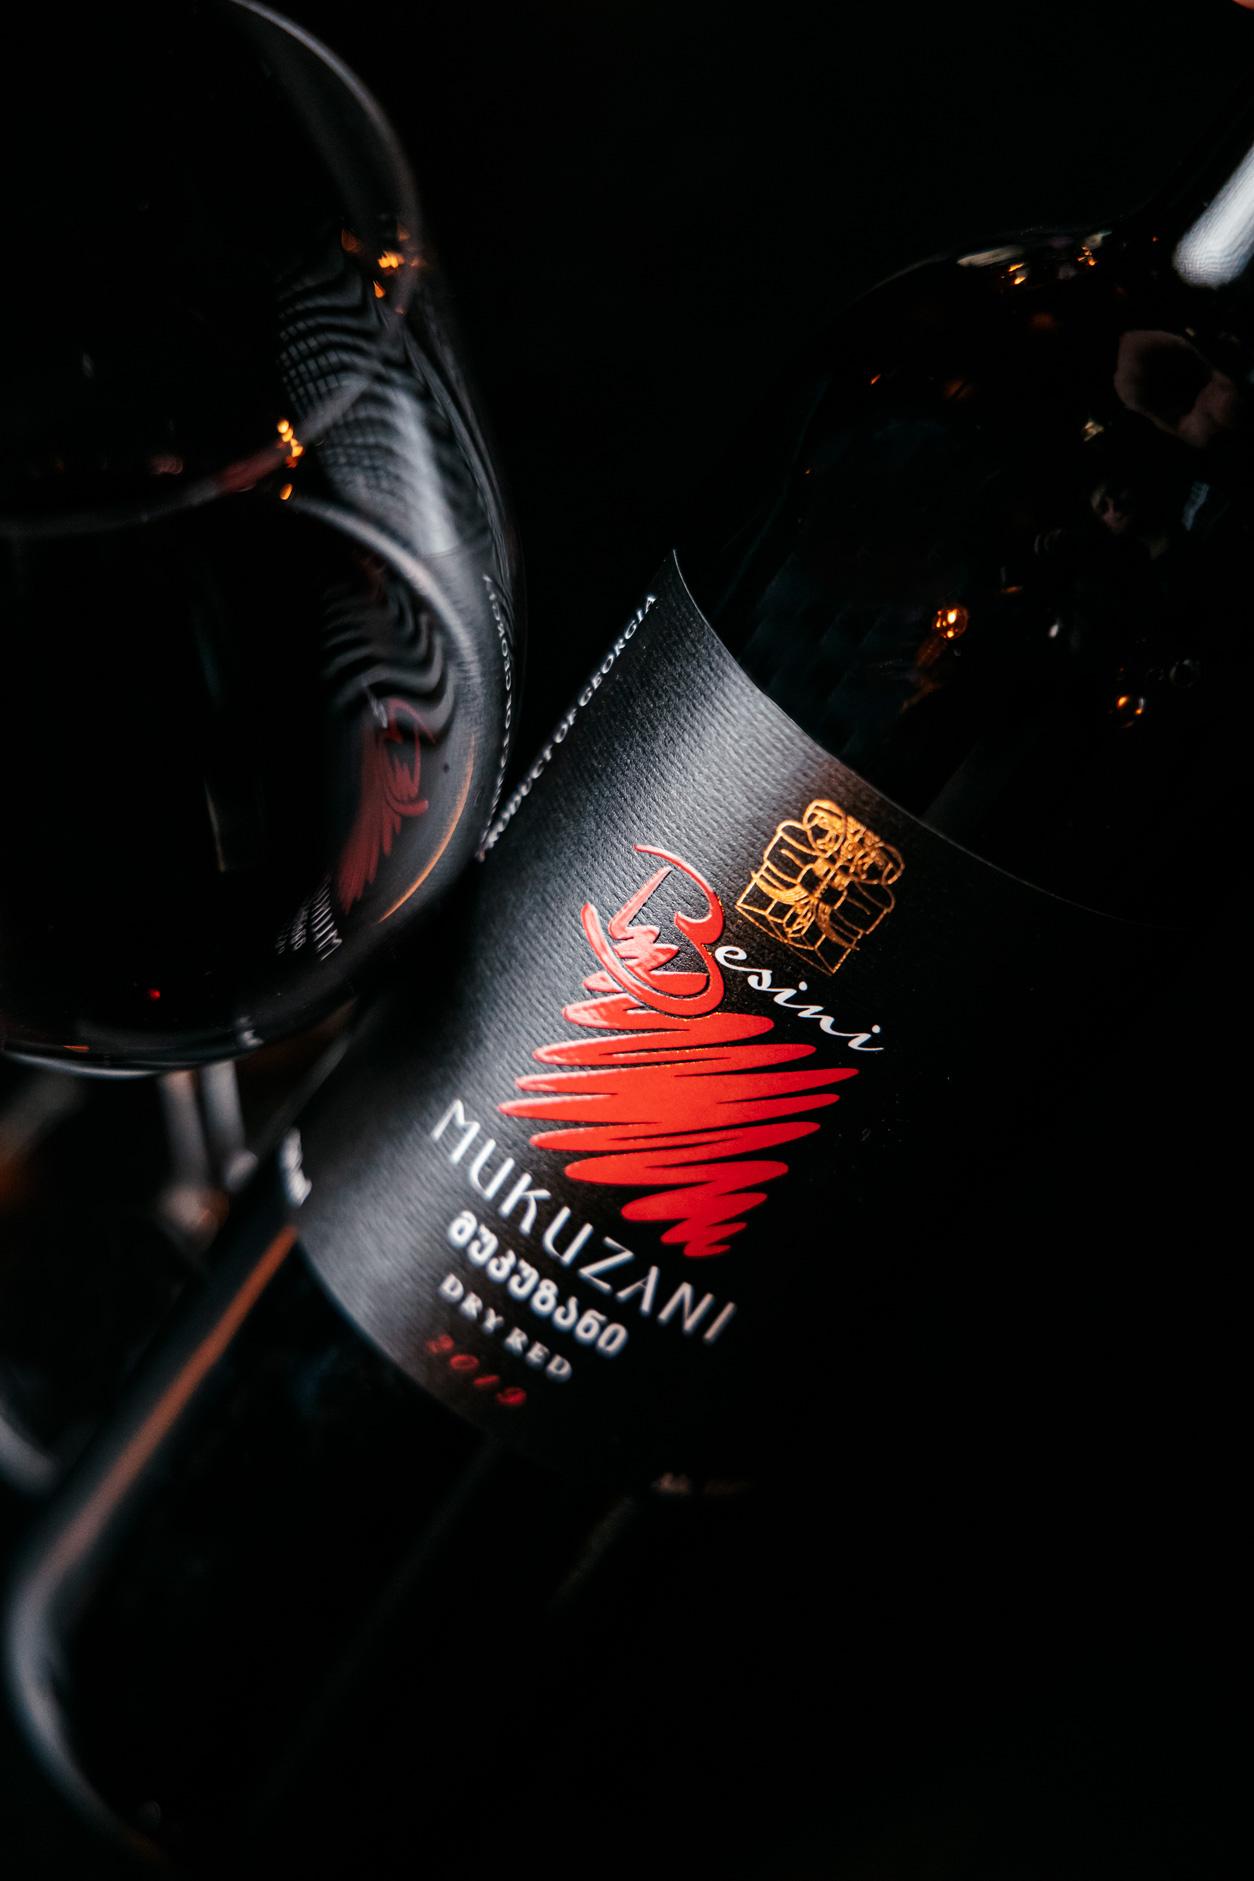 Mukuzani Dry red wine Helsinki Finland